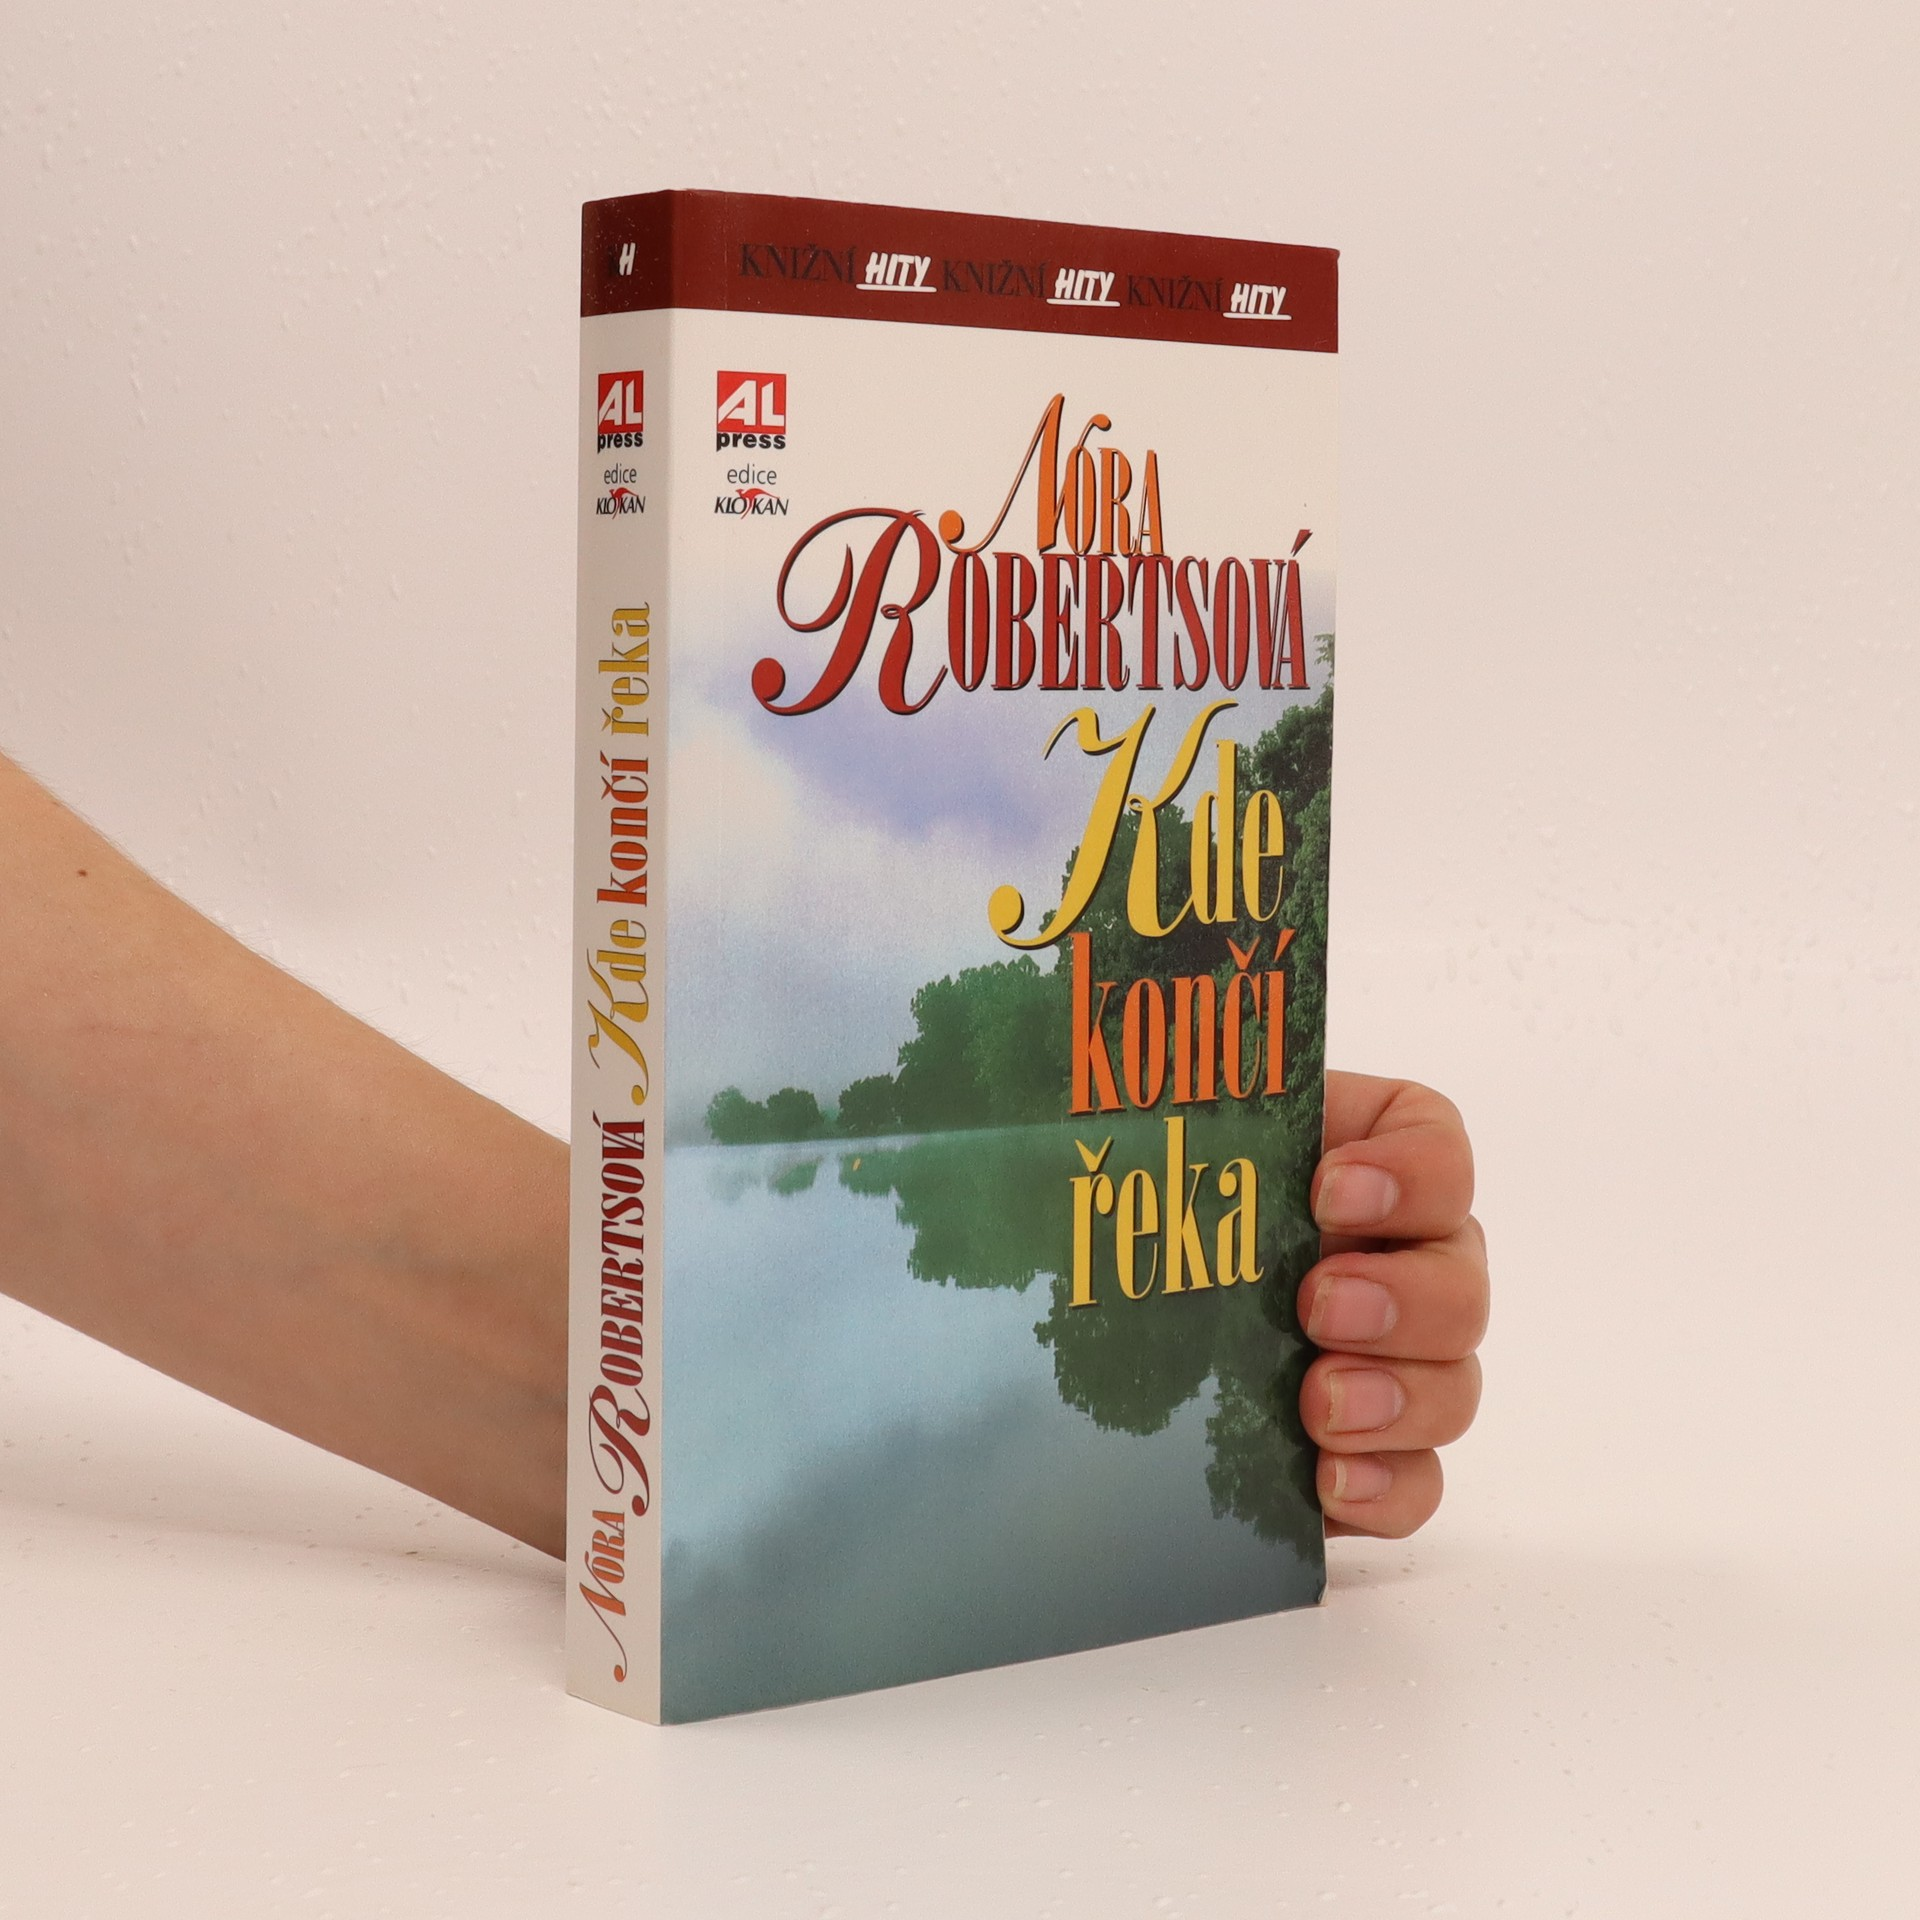 antikvární kniha Kde končí řeka, 2010